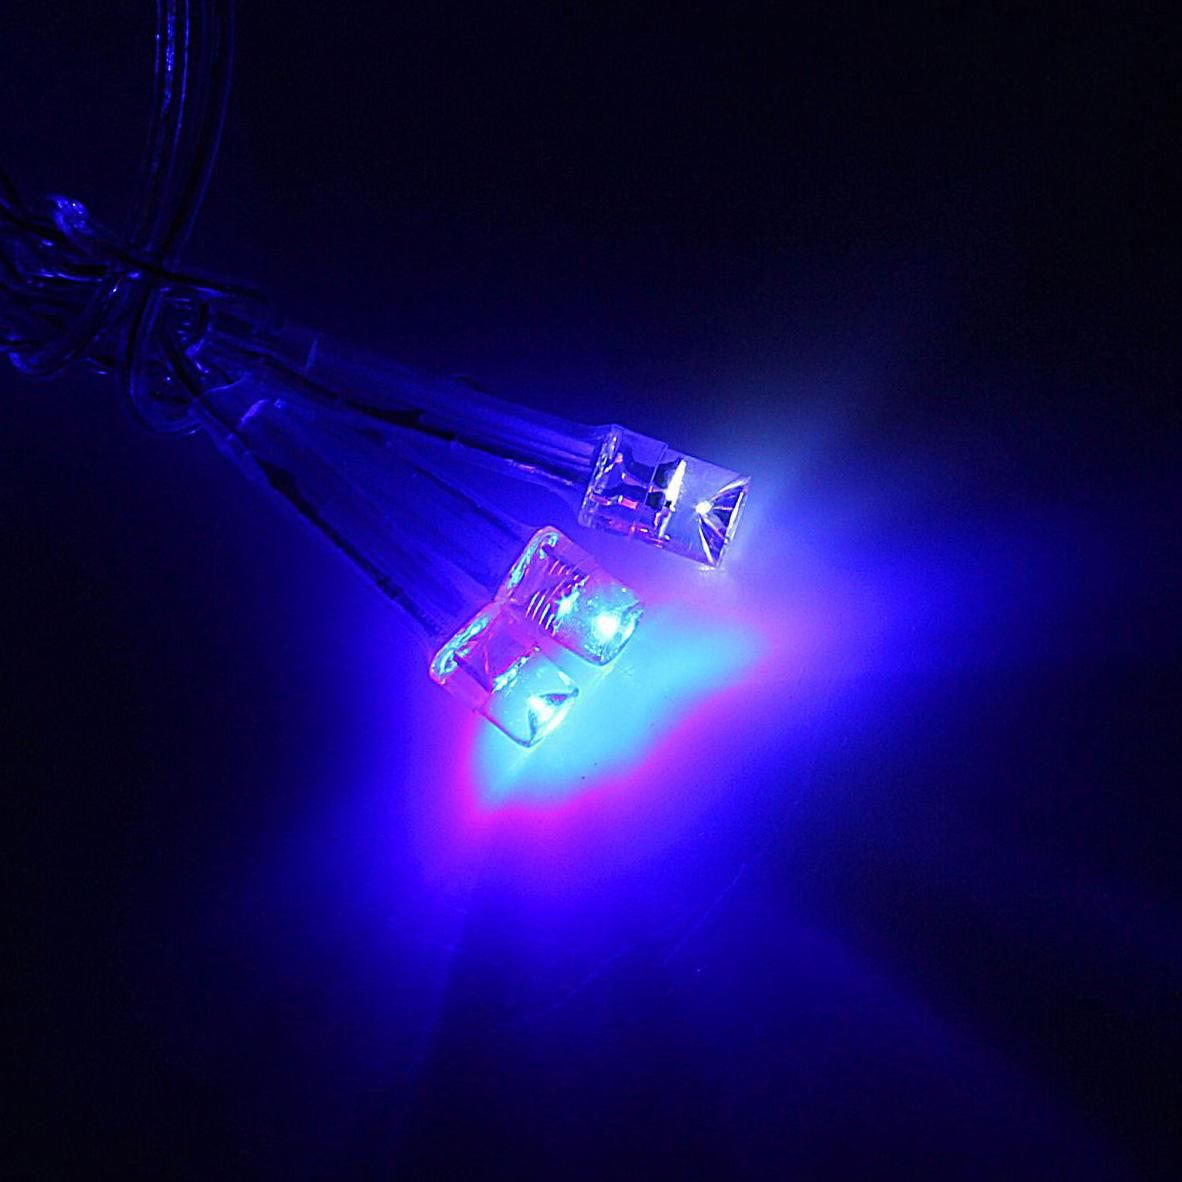 Гирлянда светодиодная Luazon Бахрома, эффект мерцания, 60 ламп, 220 V, цвет: синий, белый, 1,2 х 0,6 м. 10804091080409Светодиодные гирлянды, ленты и т.д — это отличный вариант для новогоднего оформления интерьера или фасада. С их помощью помещение любого размера можно превратить в праздничный зал, а внешние элементы зданий, украшенные ими, мгновенно станут напоминать очертания сказочного дворца. Такие украшения создают ауру предвкушения чуда. Деревья, фасады, витрины, окна и арки будто специально созданы, чтобы вы украсили их светящимися нитями.